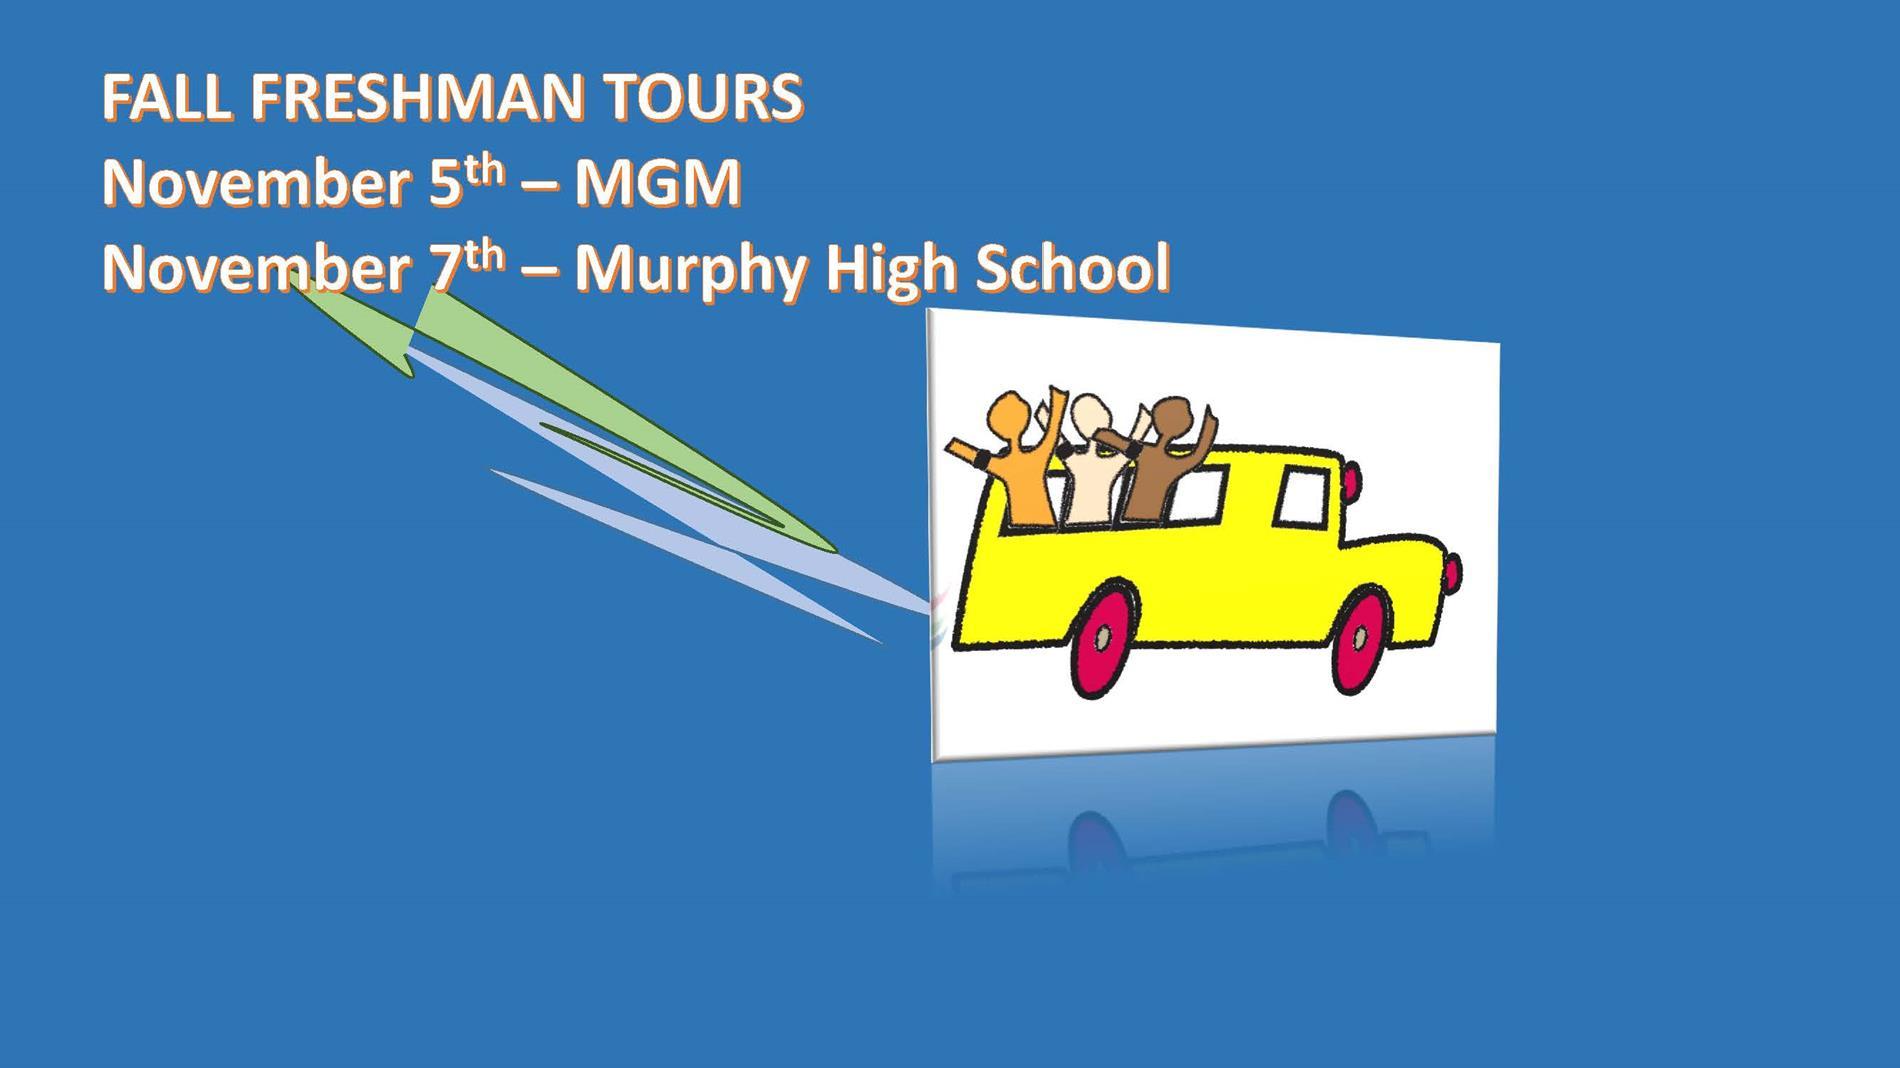 FALL FRESHMAN TOURS